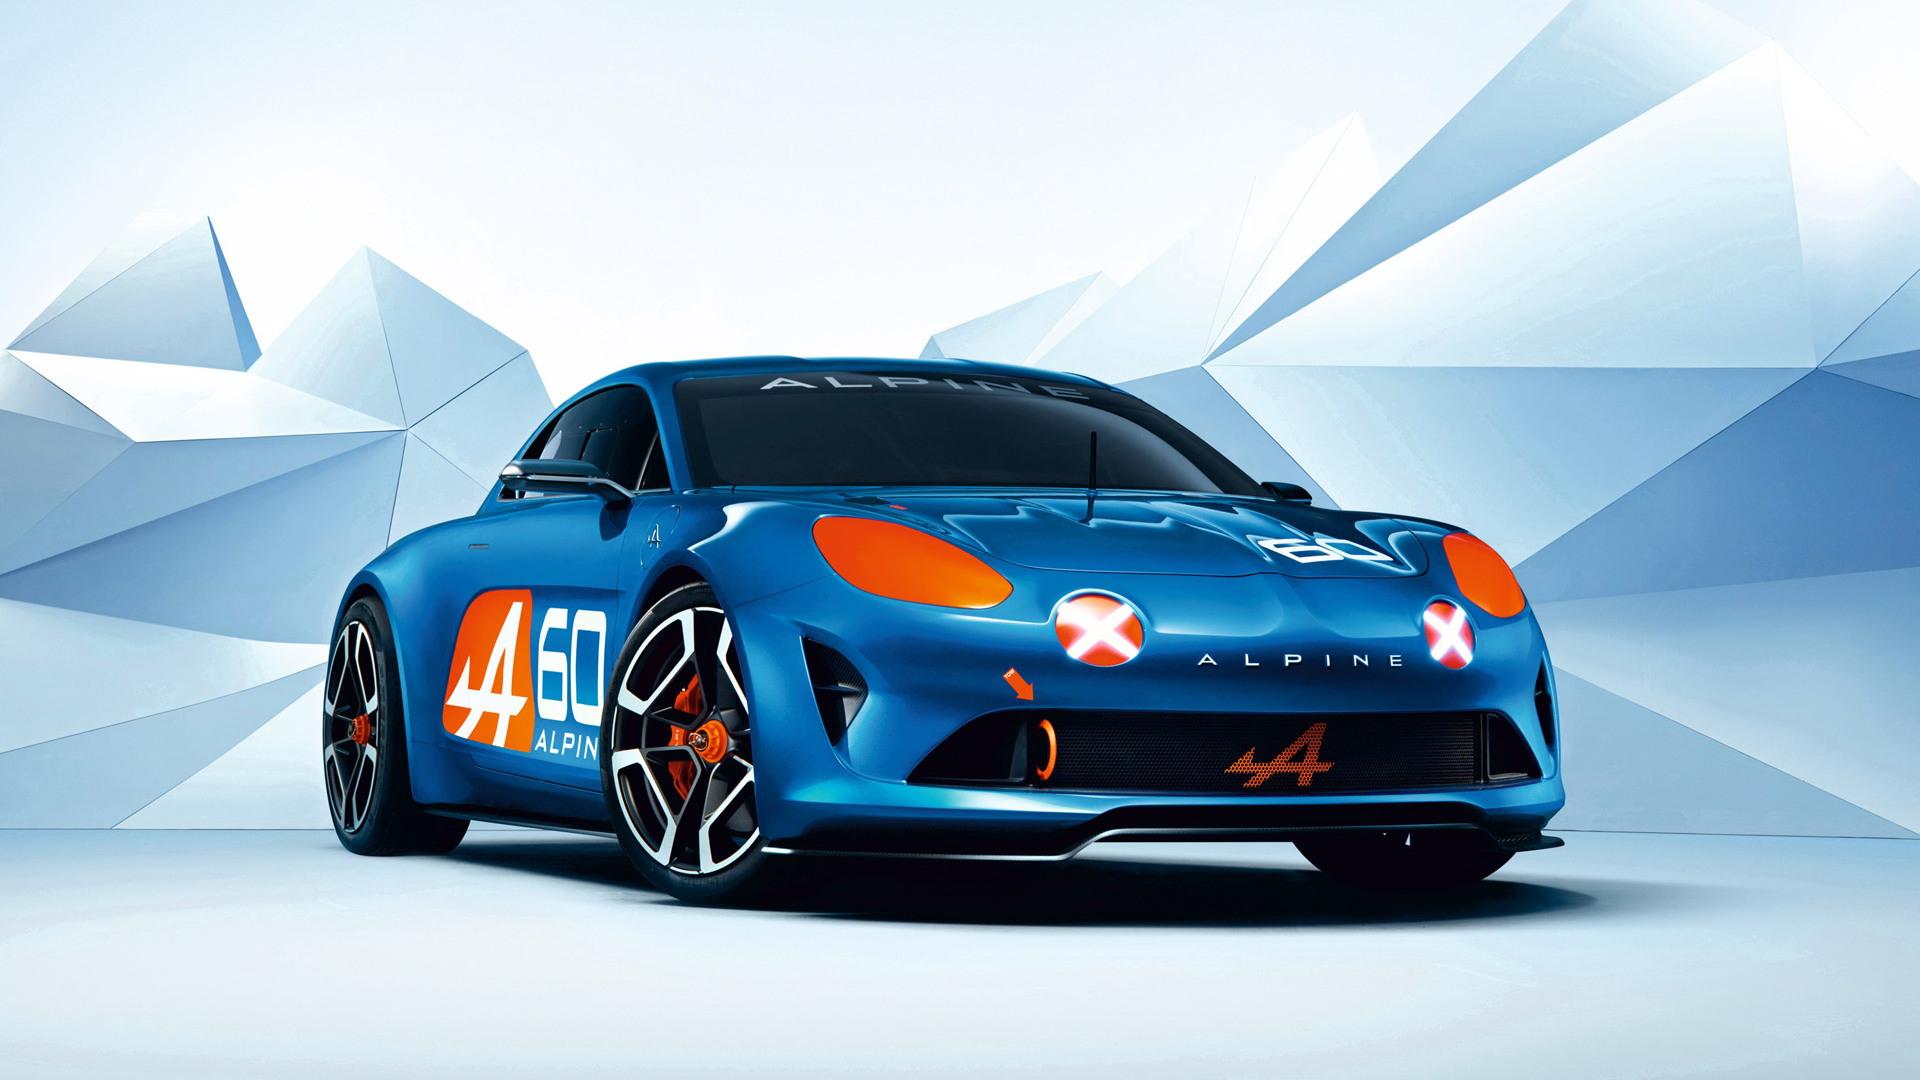 Alpine Celebration concept, 2015 24 Hours of Le Mans